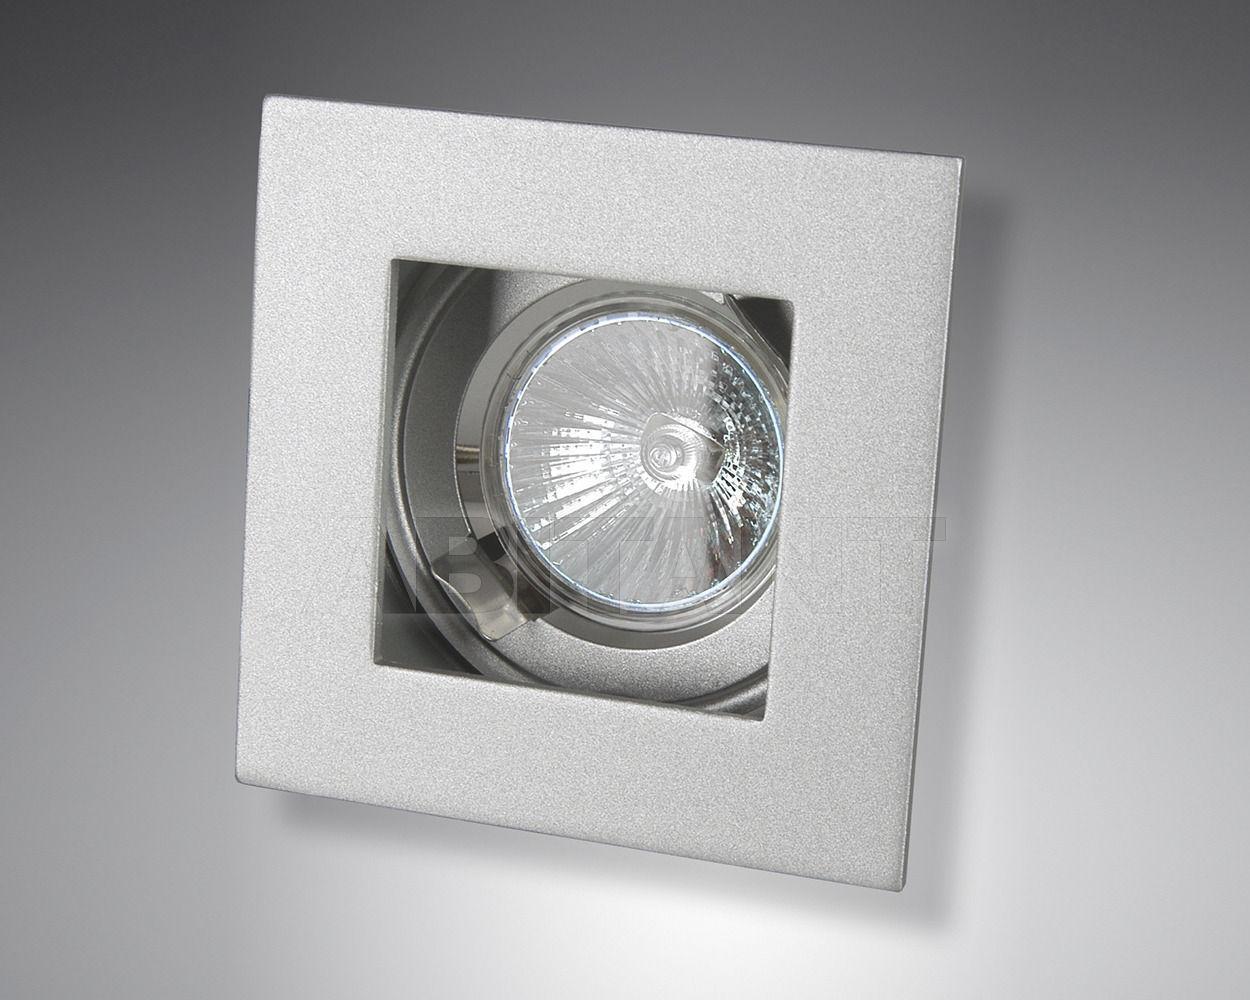 Купить Встраиваемый светильник Linea Verdace 2012 LV 16505/AS